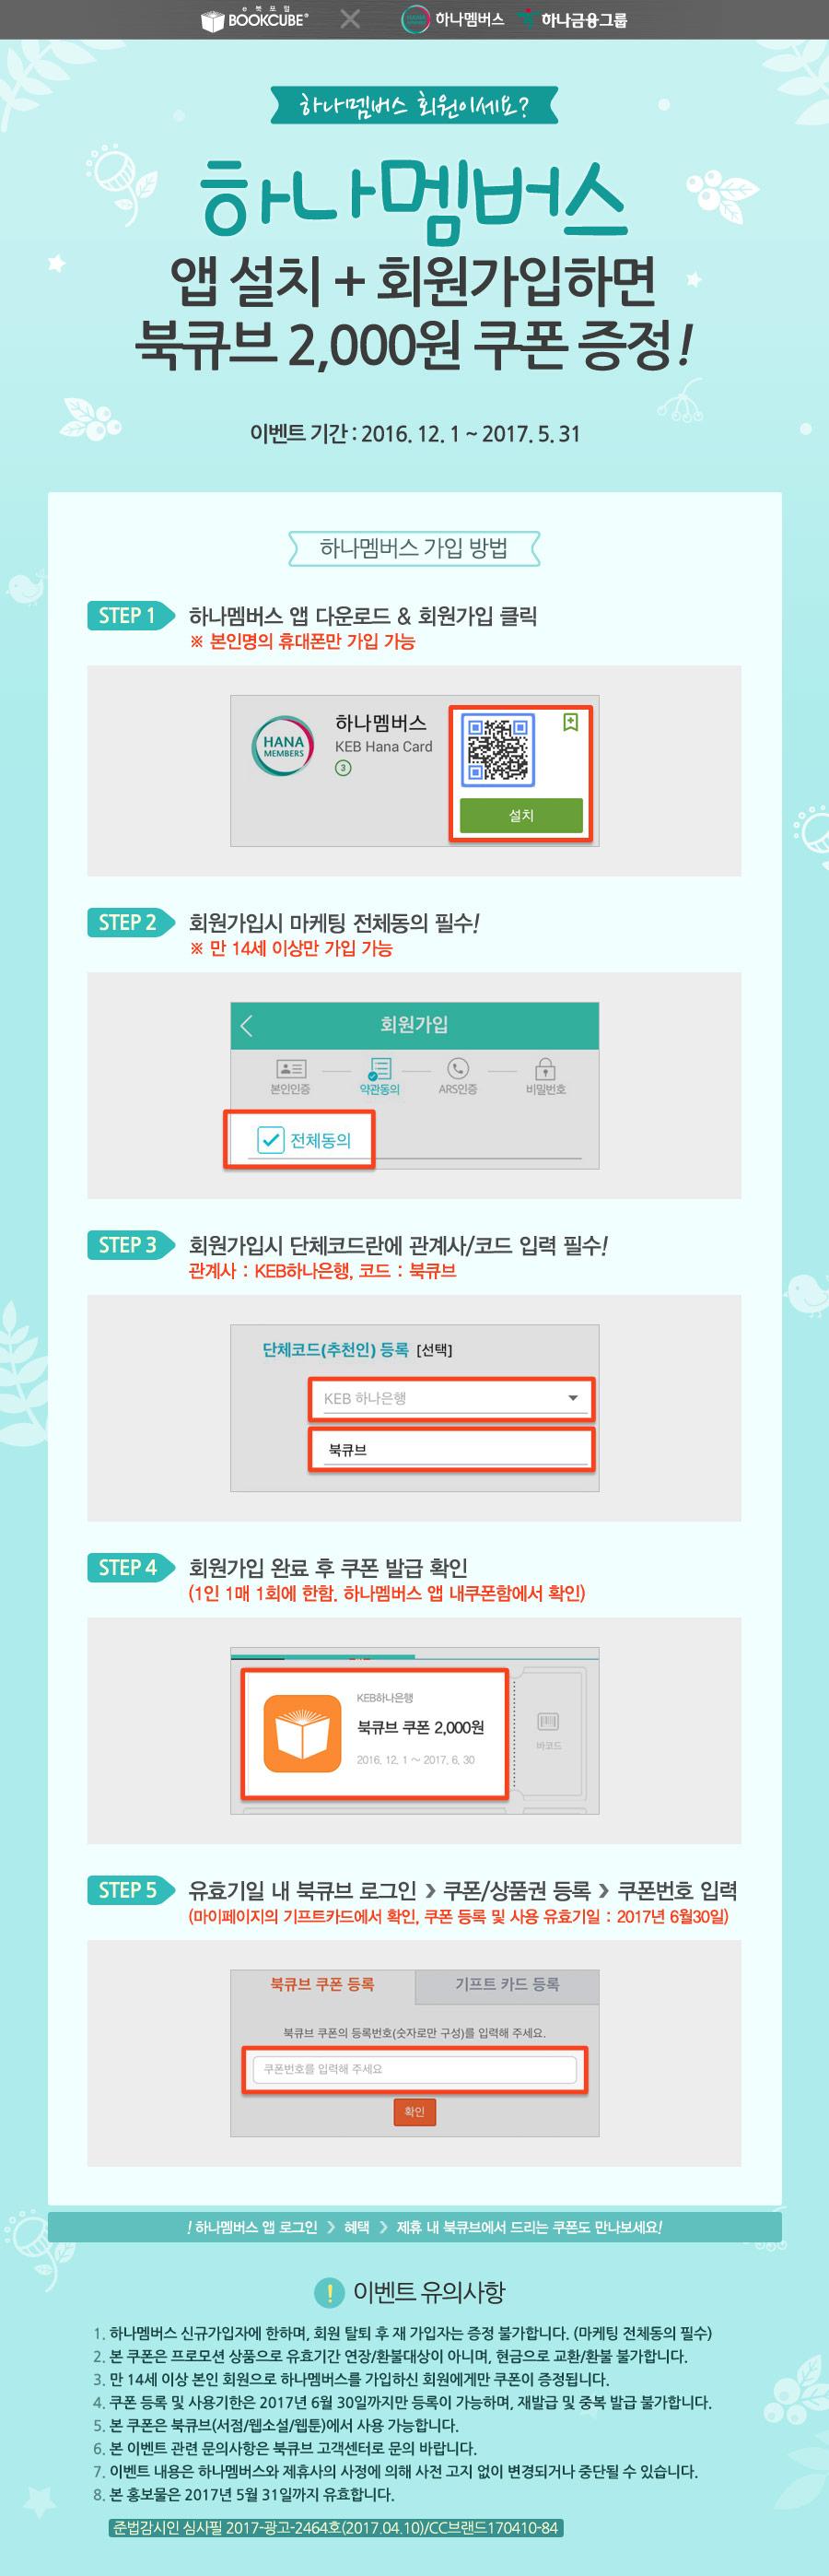 하나멤버스 앱 설치 + 회원가입하면 북큐브 2,000원 쿠폰 증정!